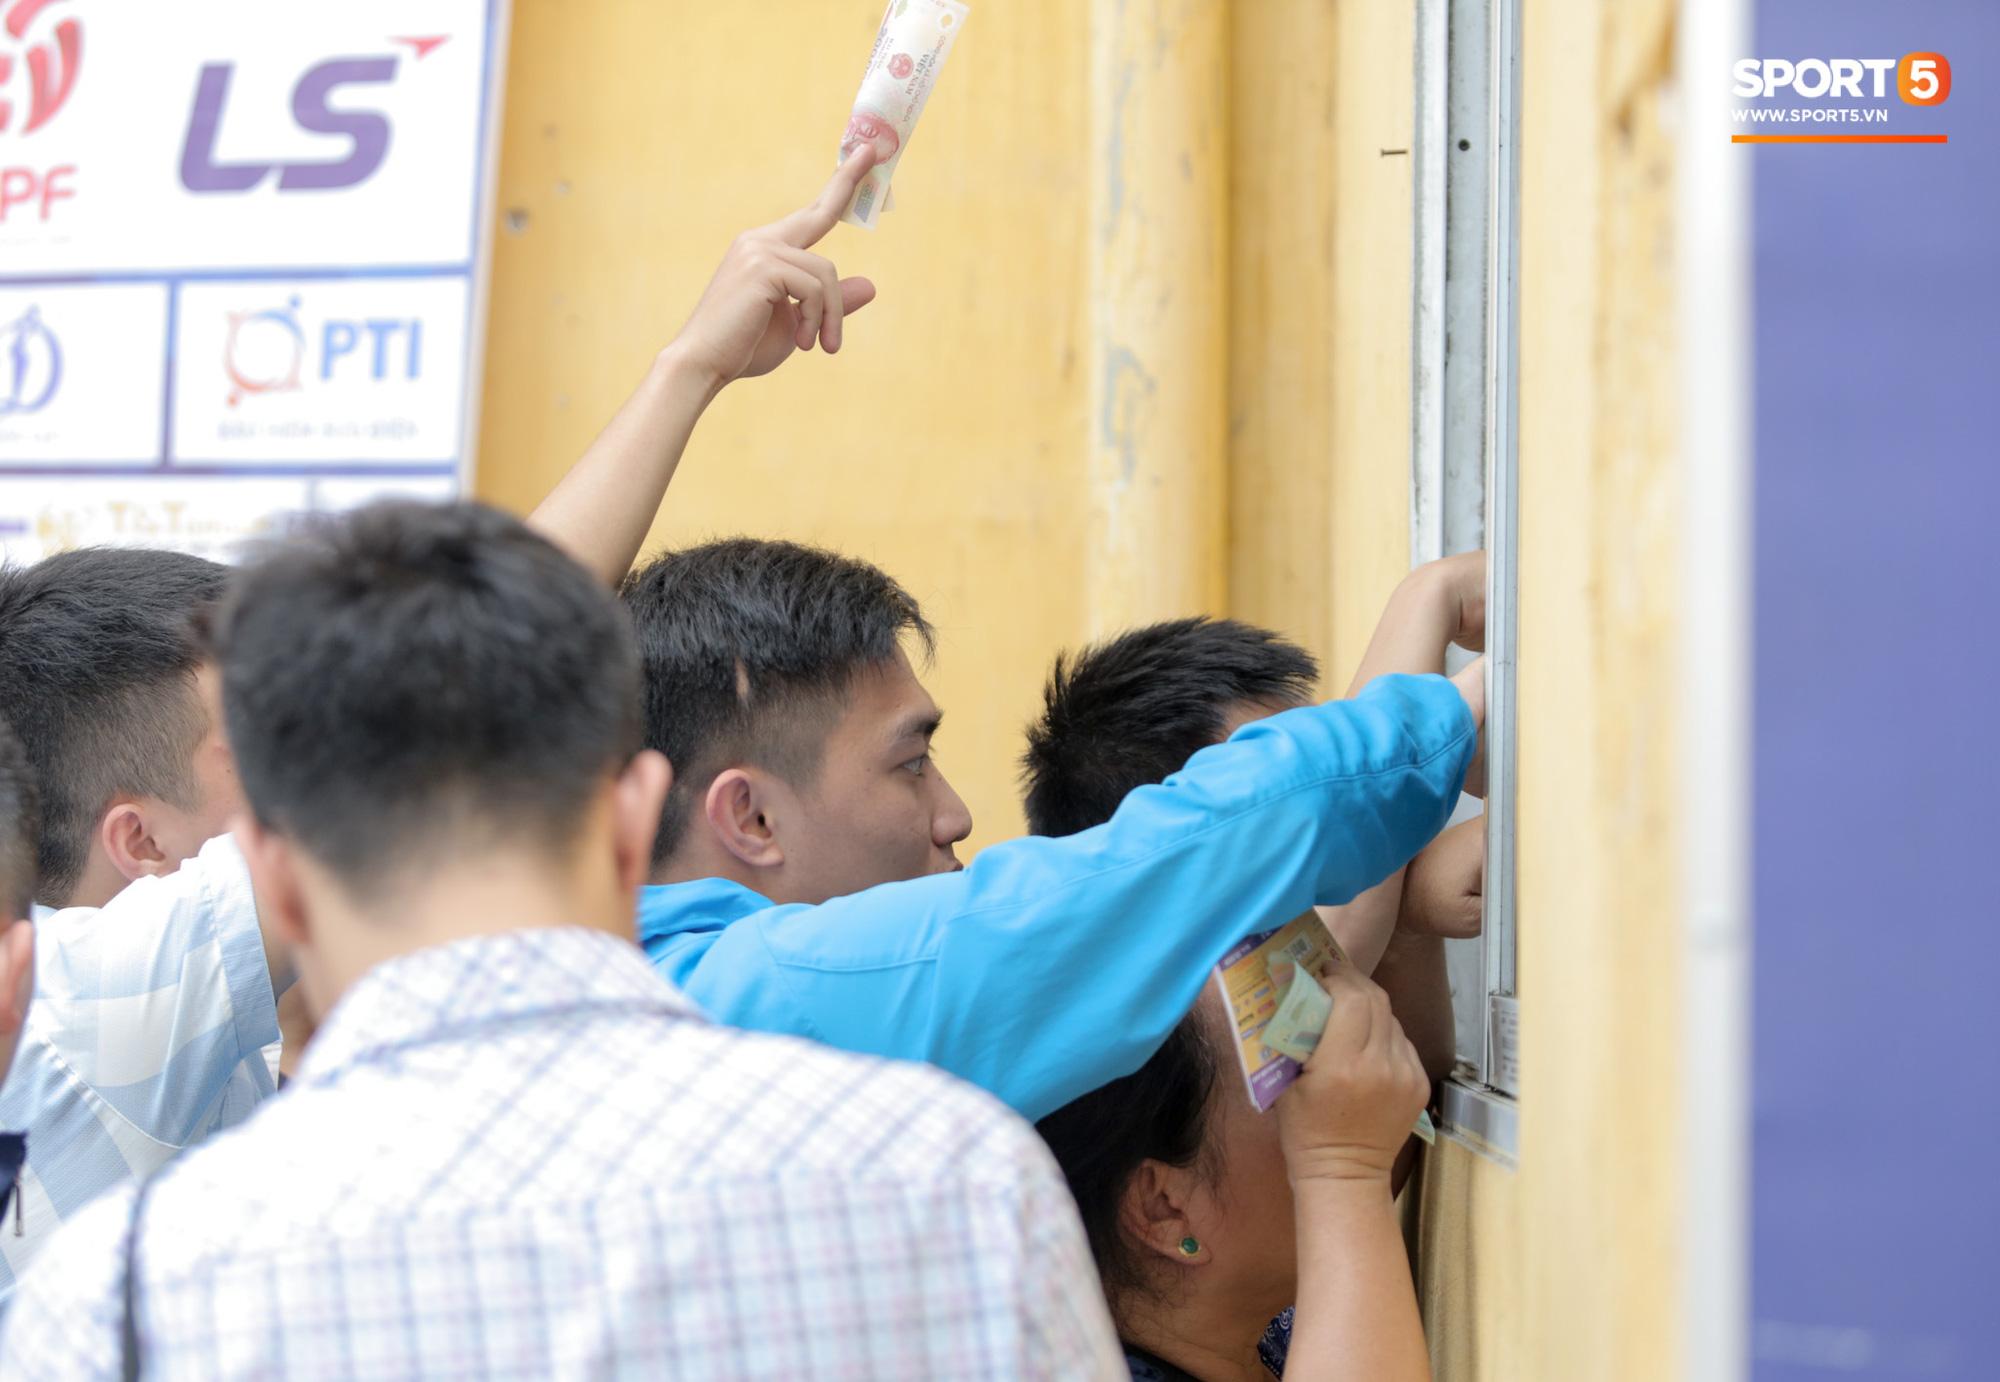 Mở bán vé xem Quang Hải so tài Văn Toàn vào giờ đi làm, dân phe lại đông hơn CĐV - Ảnh 3.